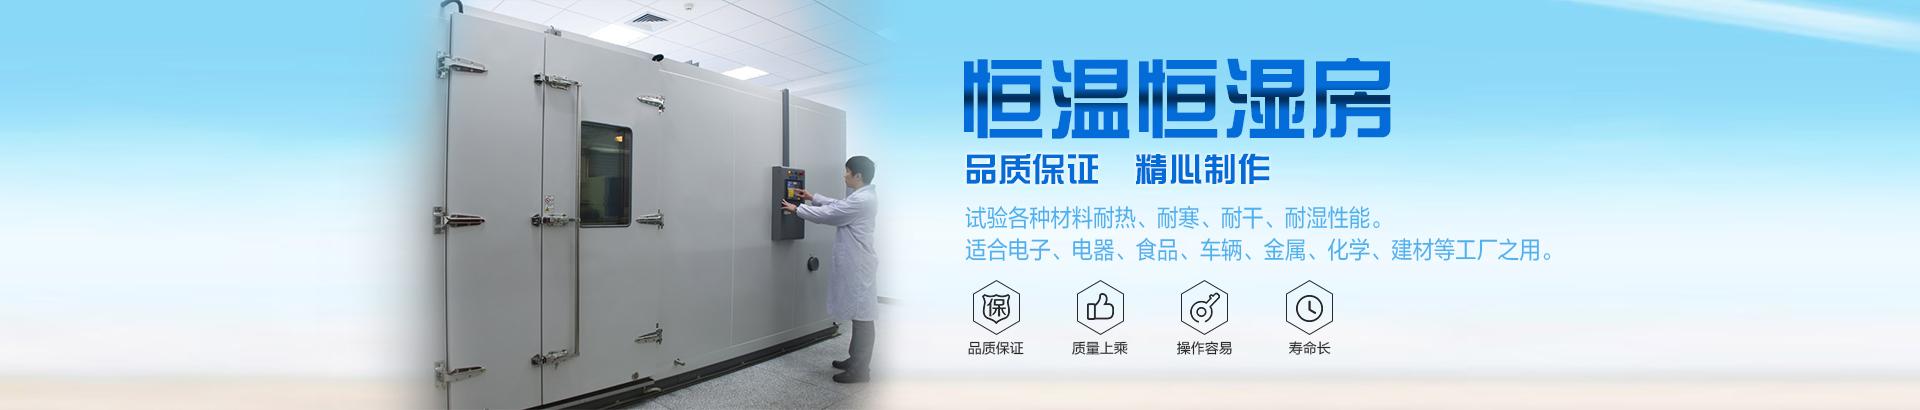 东莞市豪恩检测仪器有限公司53555金冠娱乐形象图片